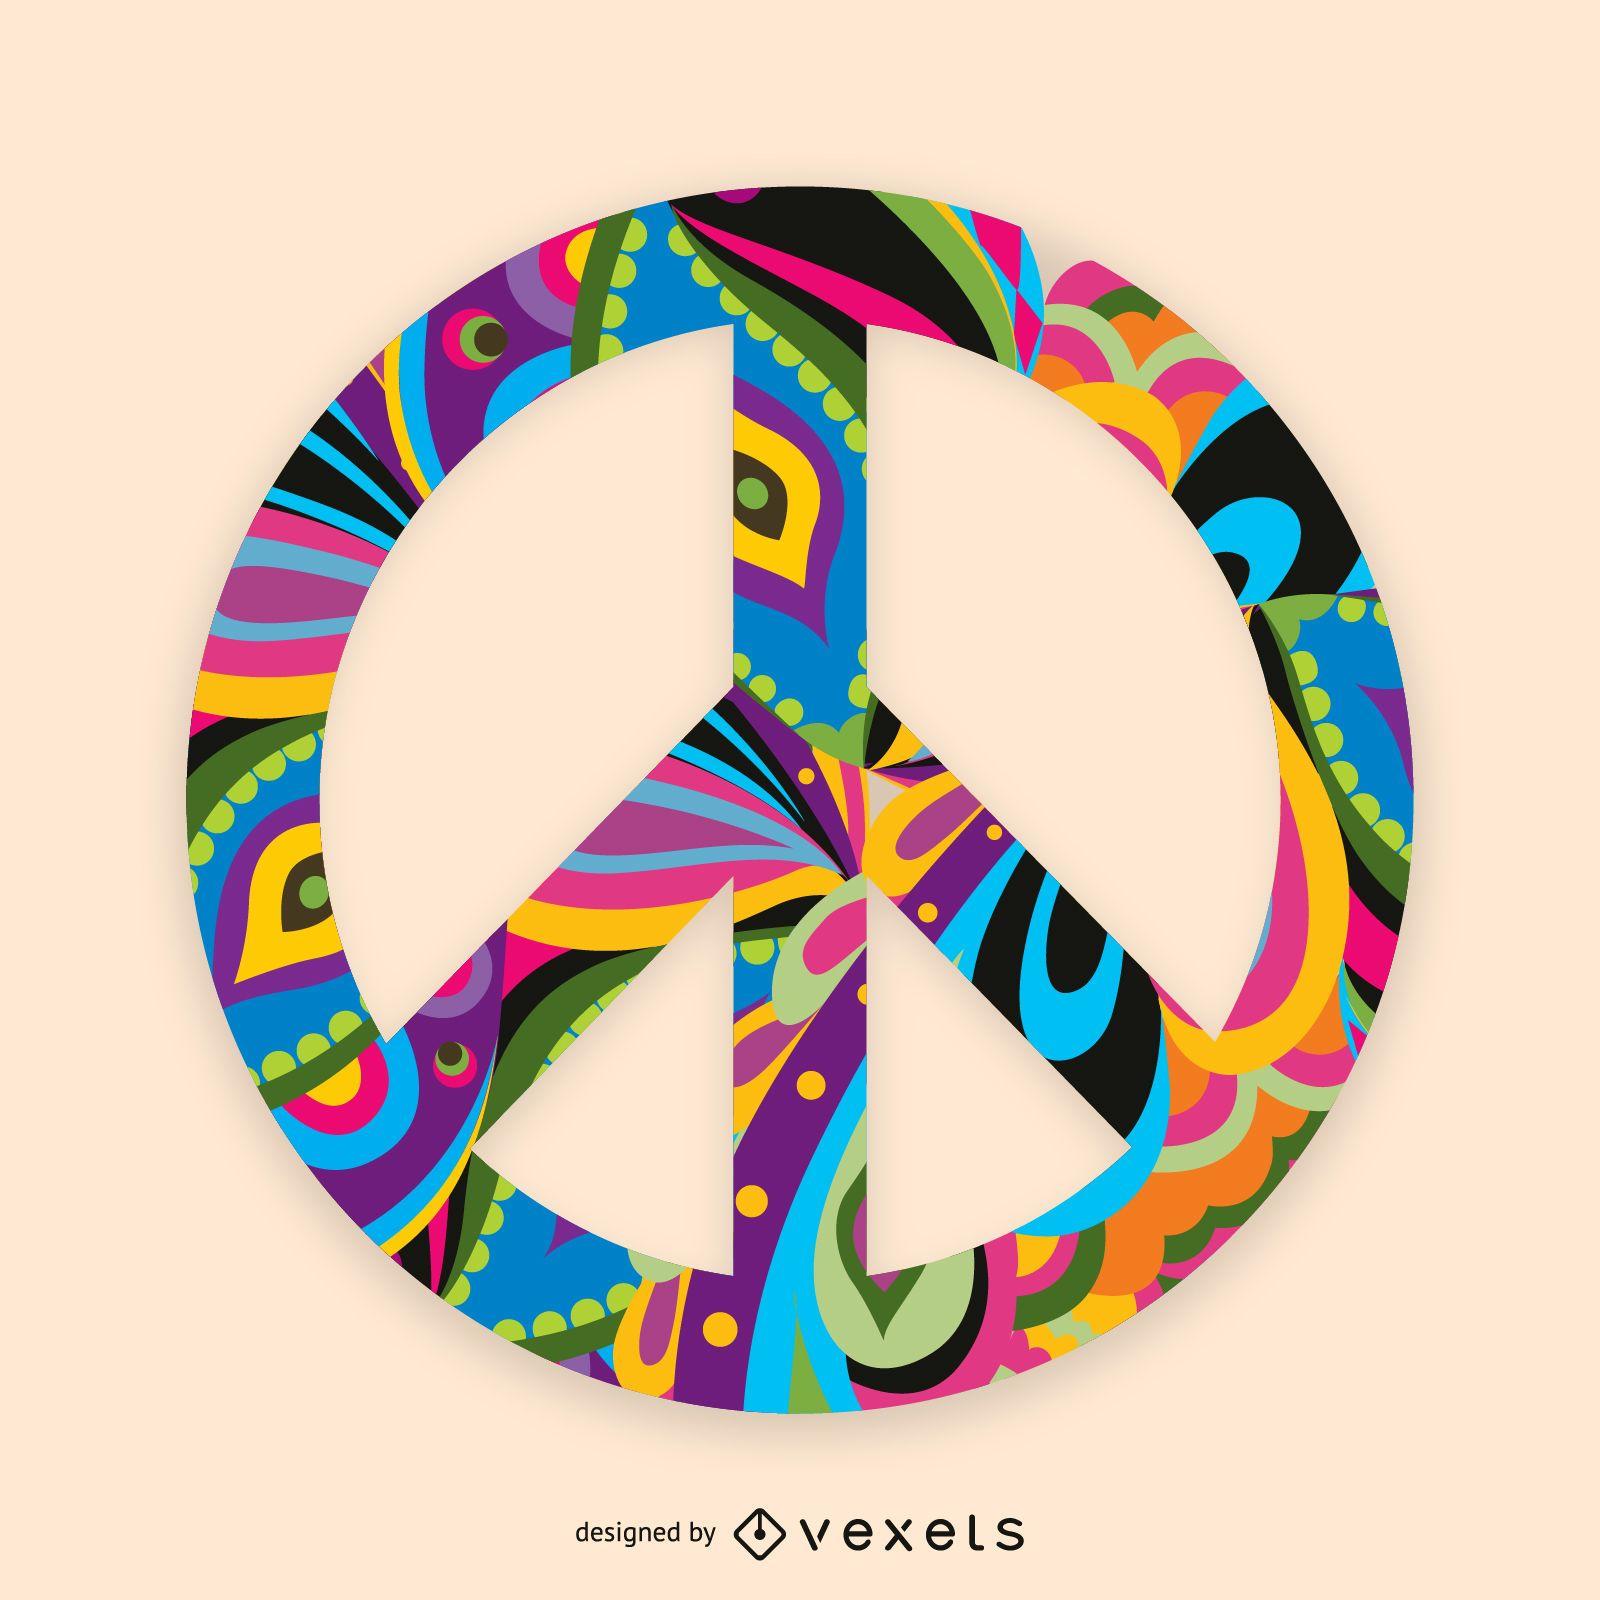 Ilustración colorida del signo de la paz